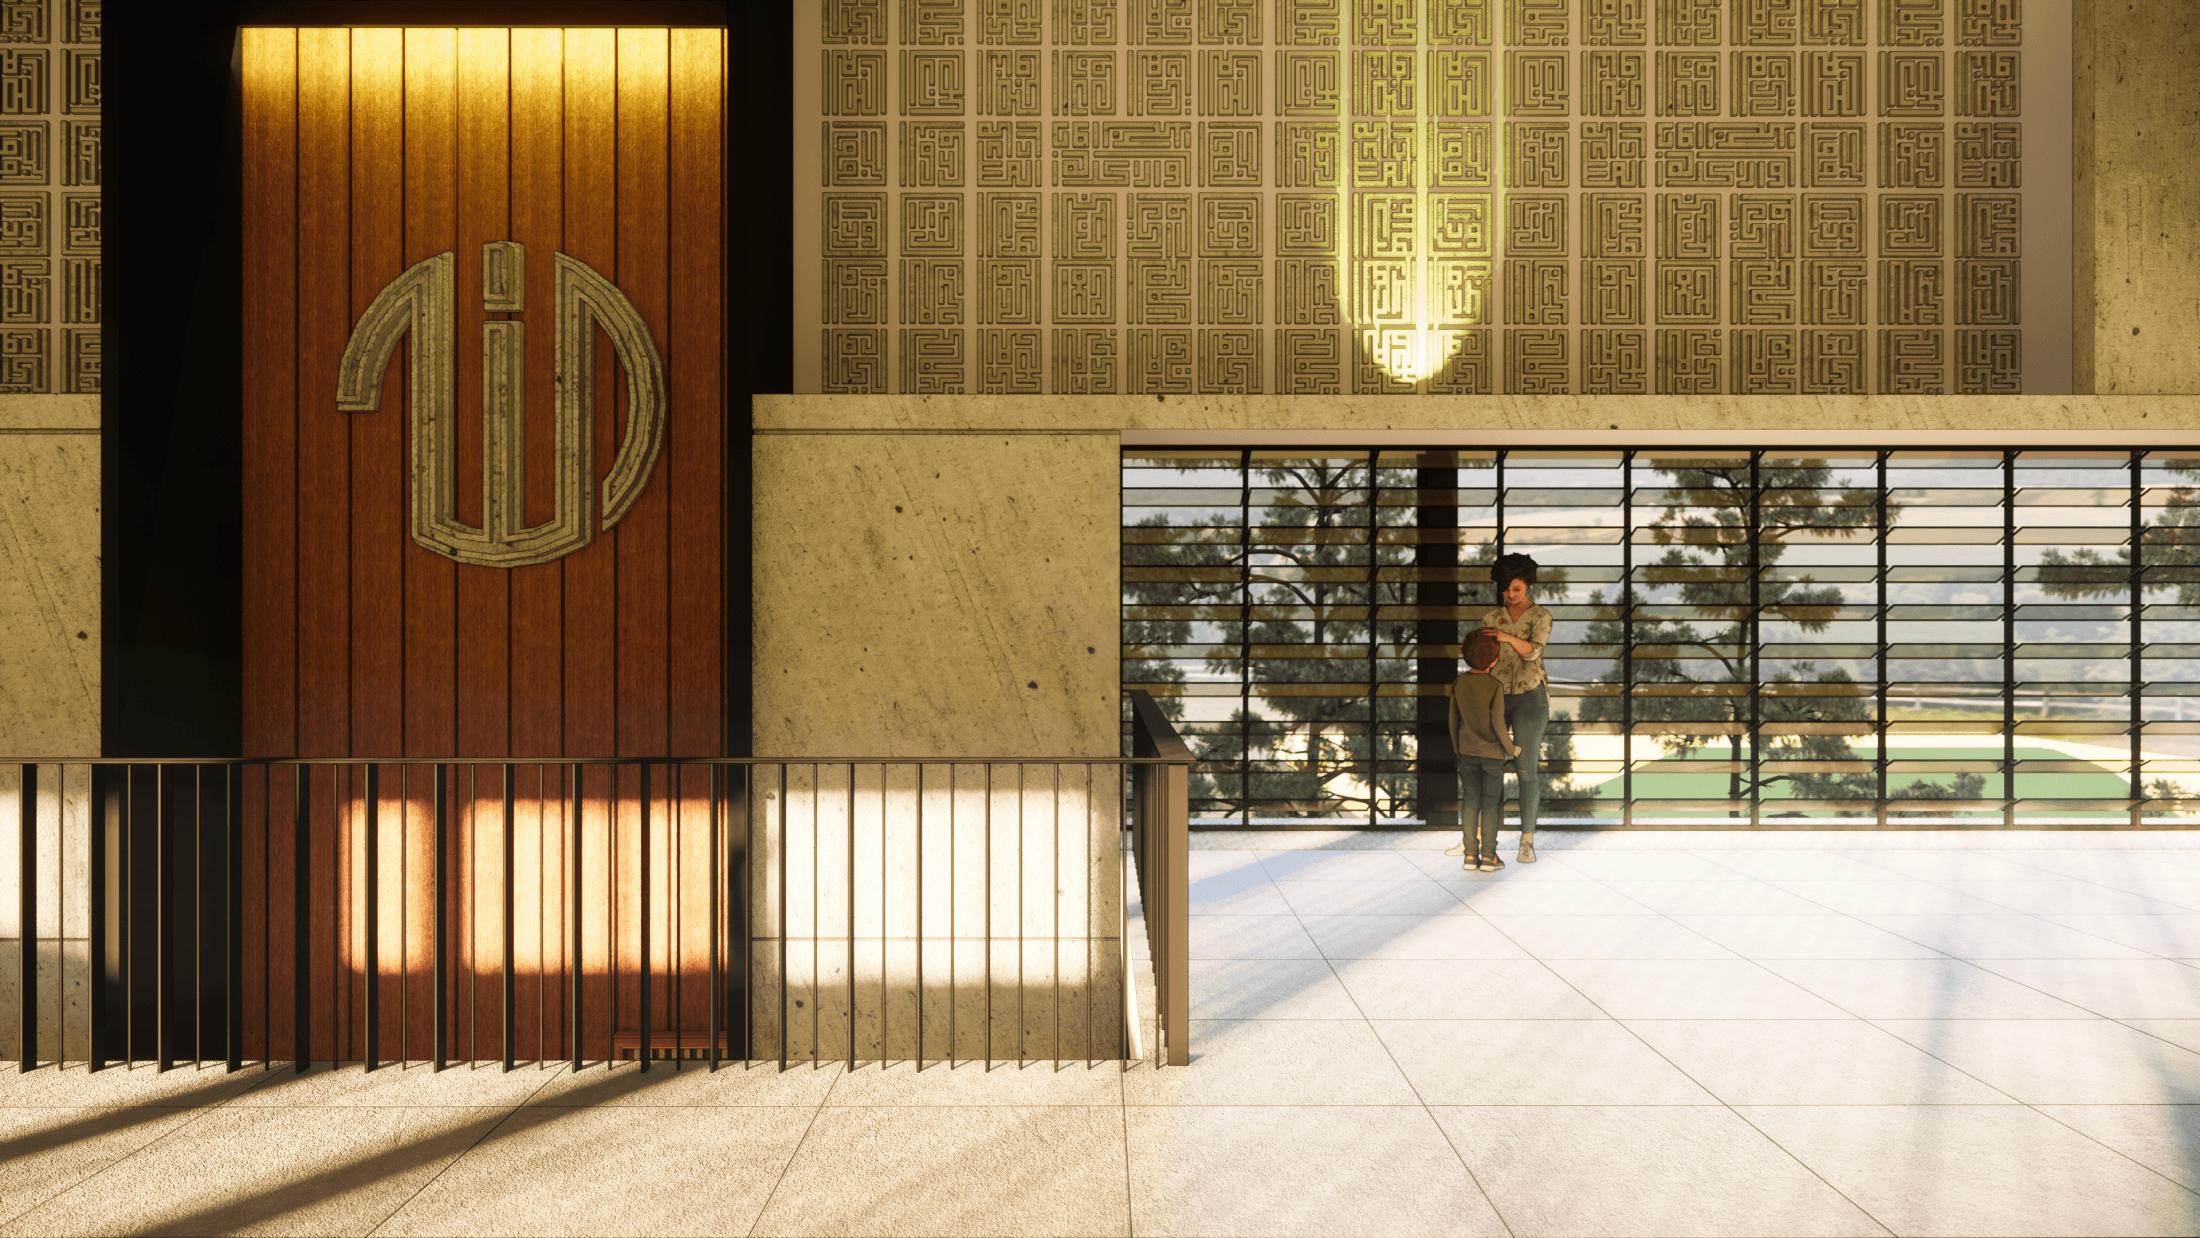 Arbatra Design Masjid Nganjuk Nganjuk, Kec. Nganjuk, Kabupaten Nganjuk, Jawa Timur, Indonesia Nganjuk, Kec. Nganjuk, Kabupaten Nganjuk, Jawa Timur, Indonesia Arbatra-Design-Masjid-Nganjuk  121390